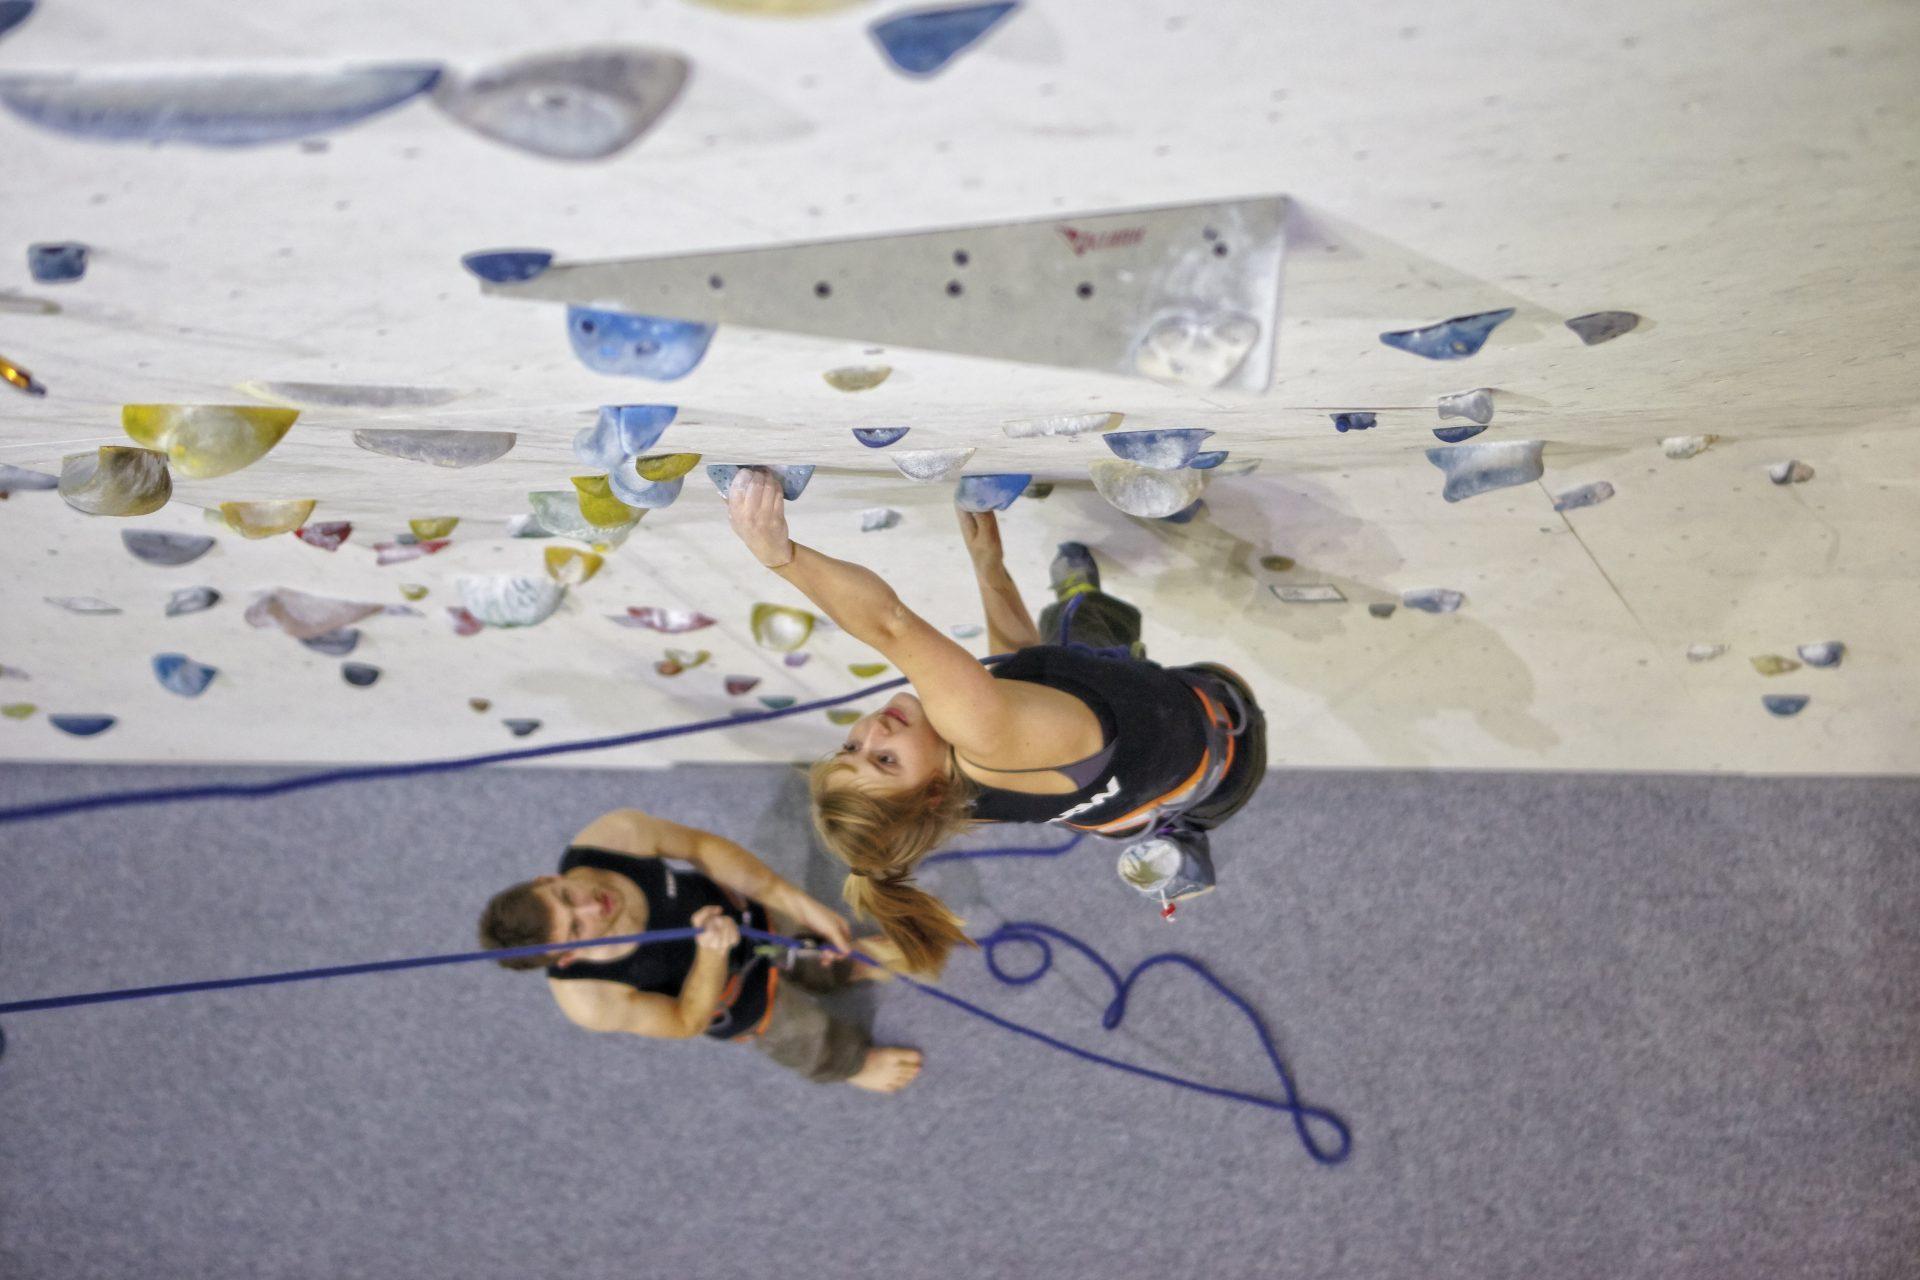 Frau klettert in einer Kletterhalle an einer Wand, sie wird von einem Mann gesichert. Fotograf: Jörg Saibou, Köln.